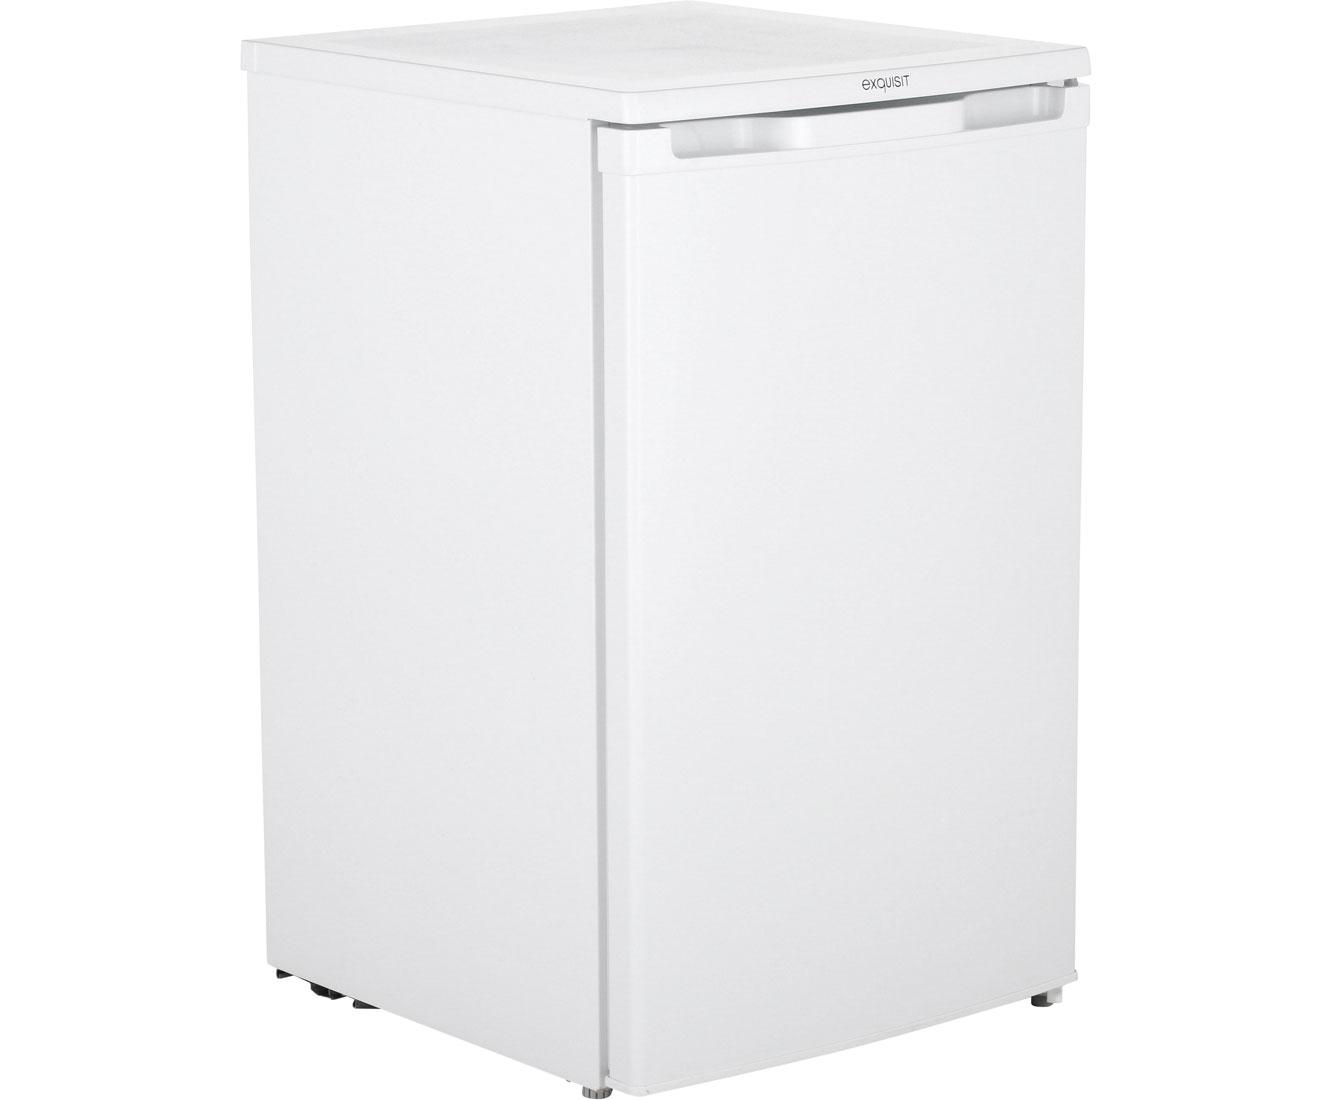 Exquisit KS 124-3 A+++ Kühlschrank mit Gefrierfach - Weiß, A+++